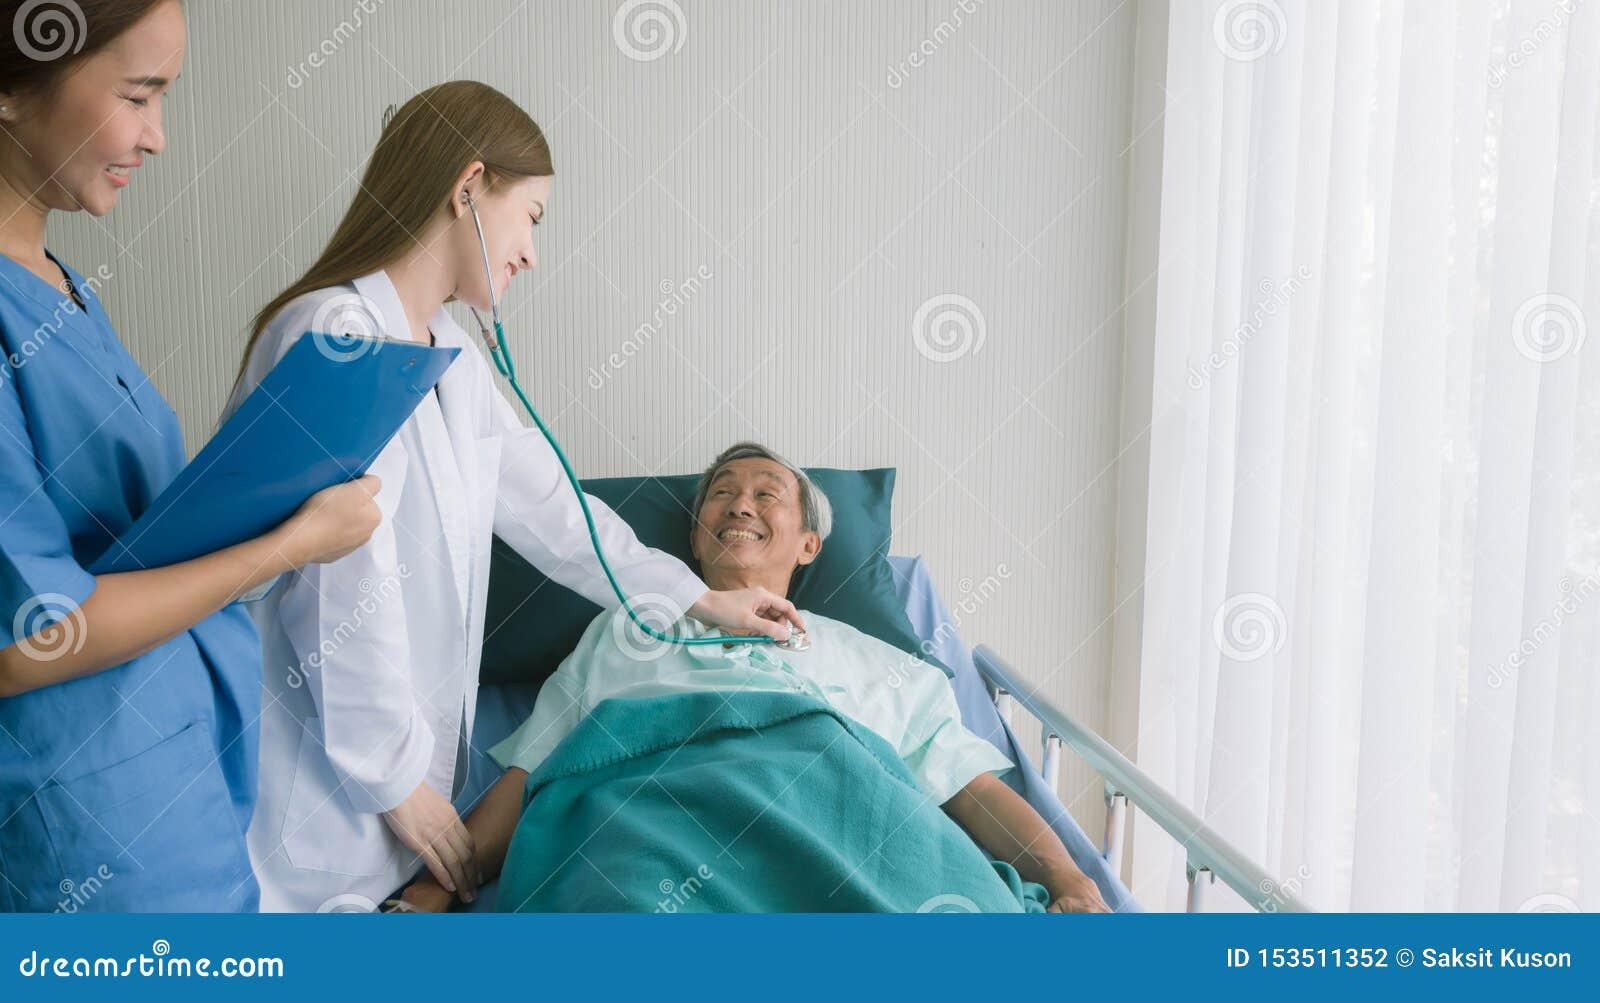 Bello medico asiatico ascolta il paziente di cuore nel letto di ospedale